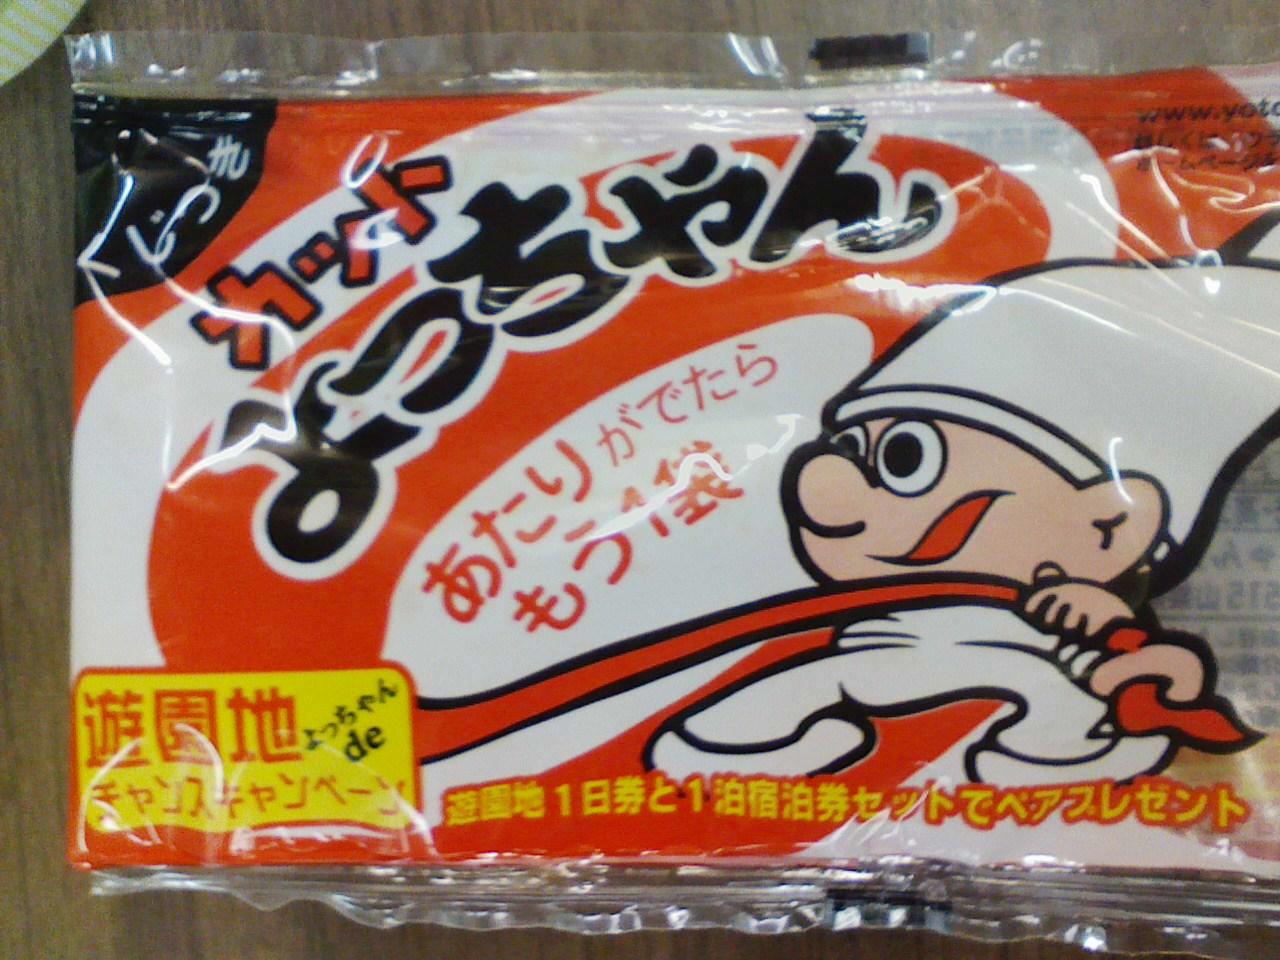 「よっちゃん」の味わい。角打ちは大人の駄菓子屋_c0061686_6423811.jpg